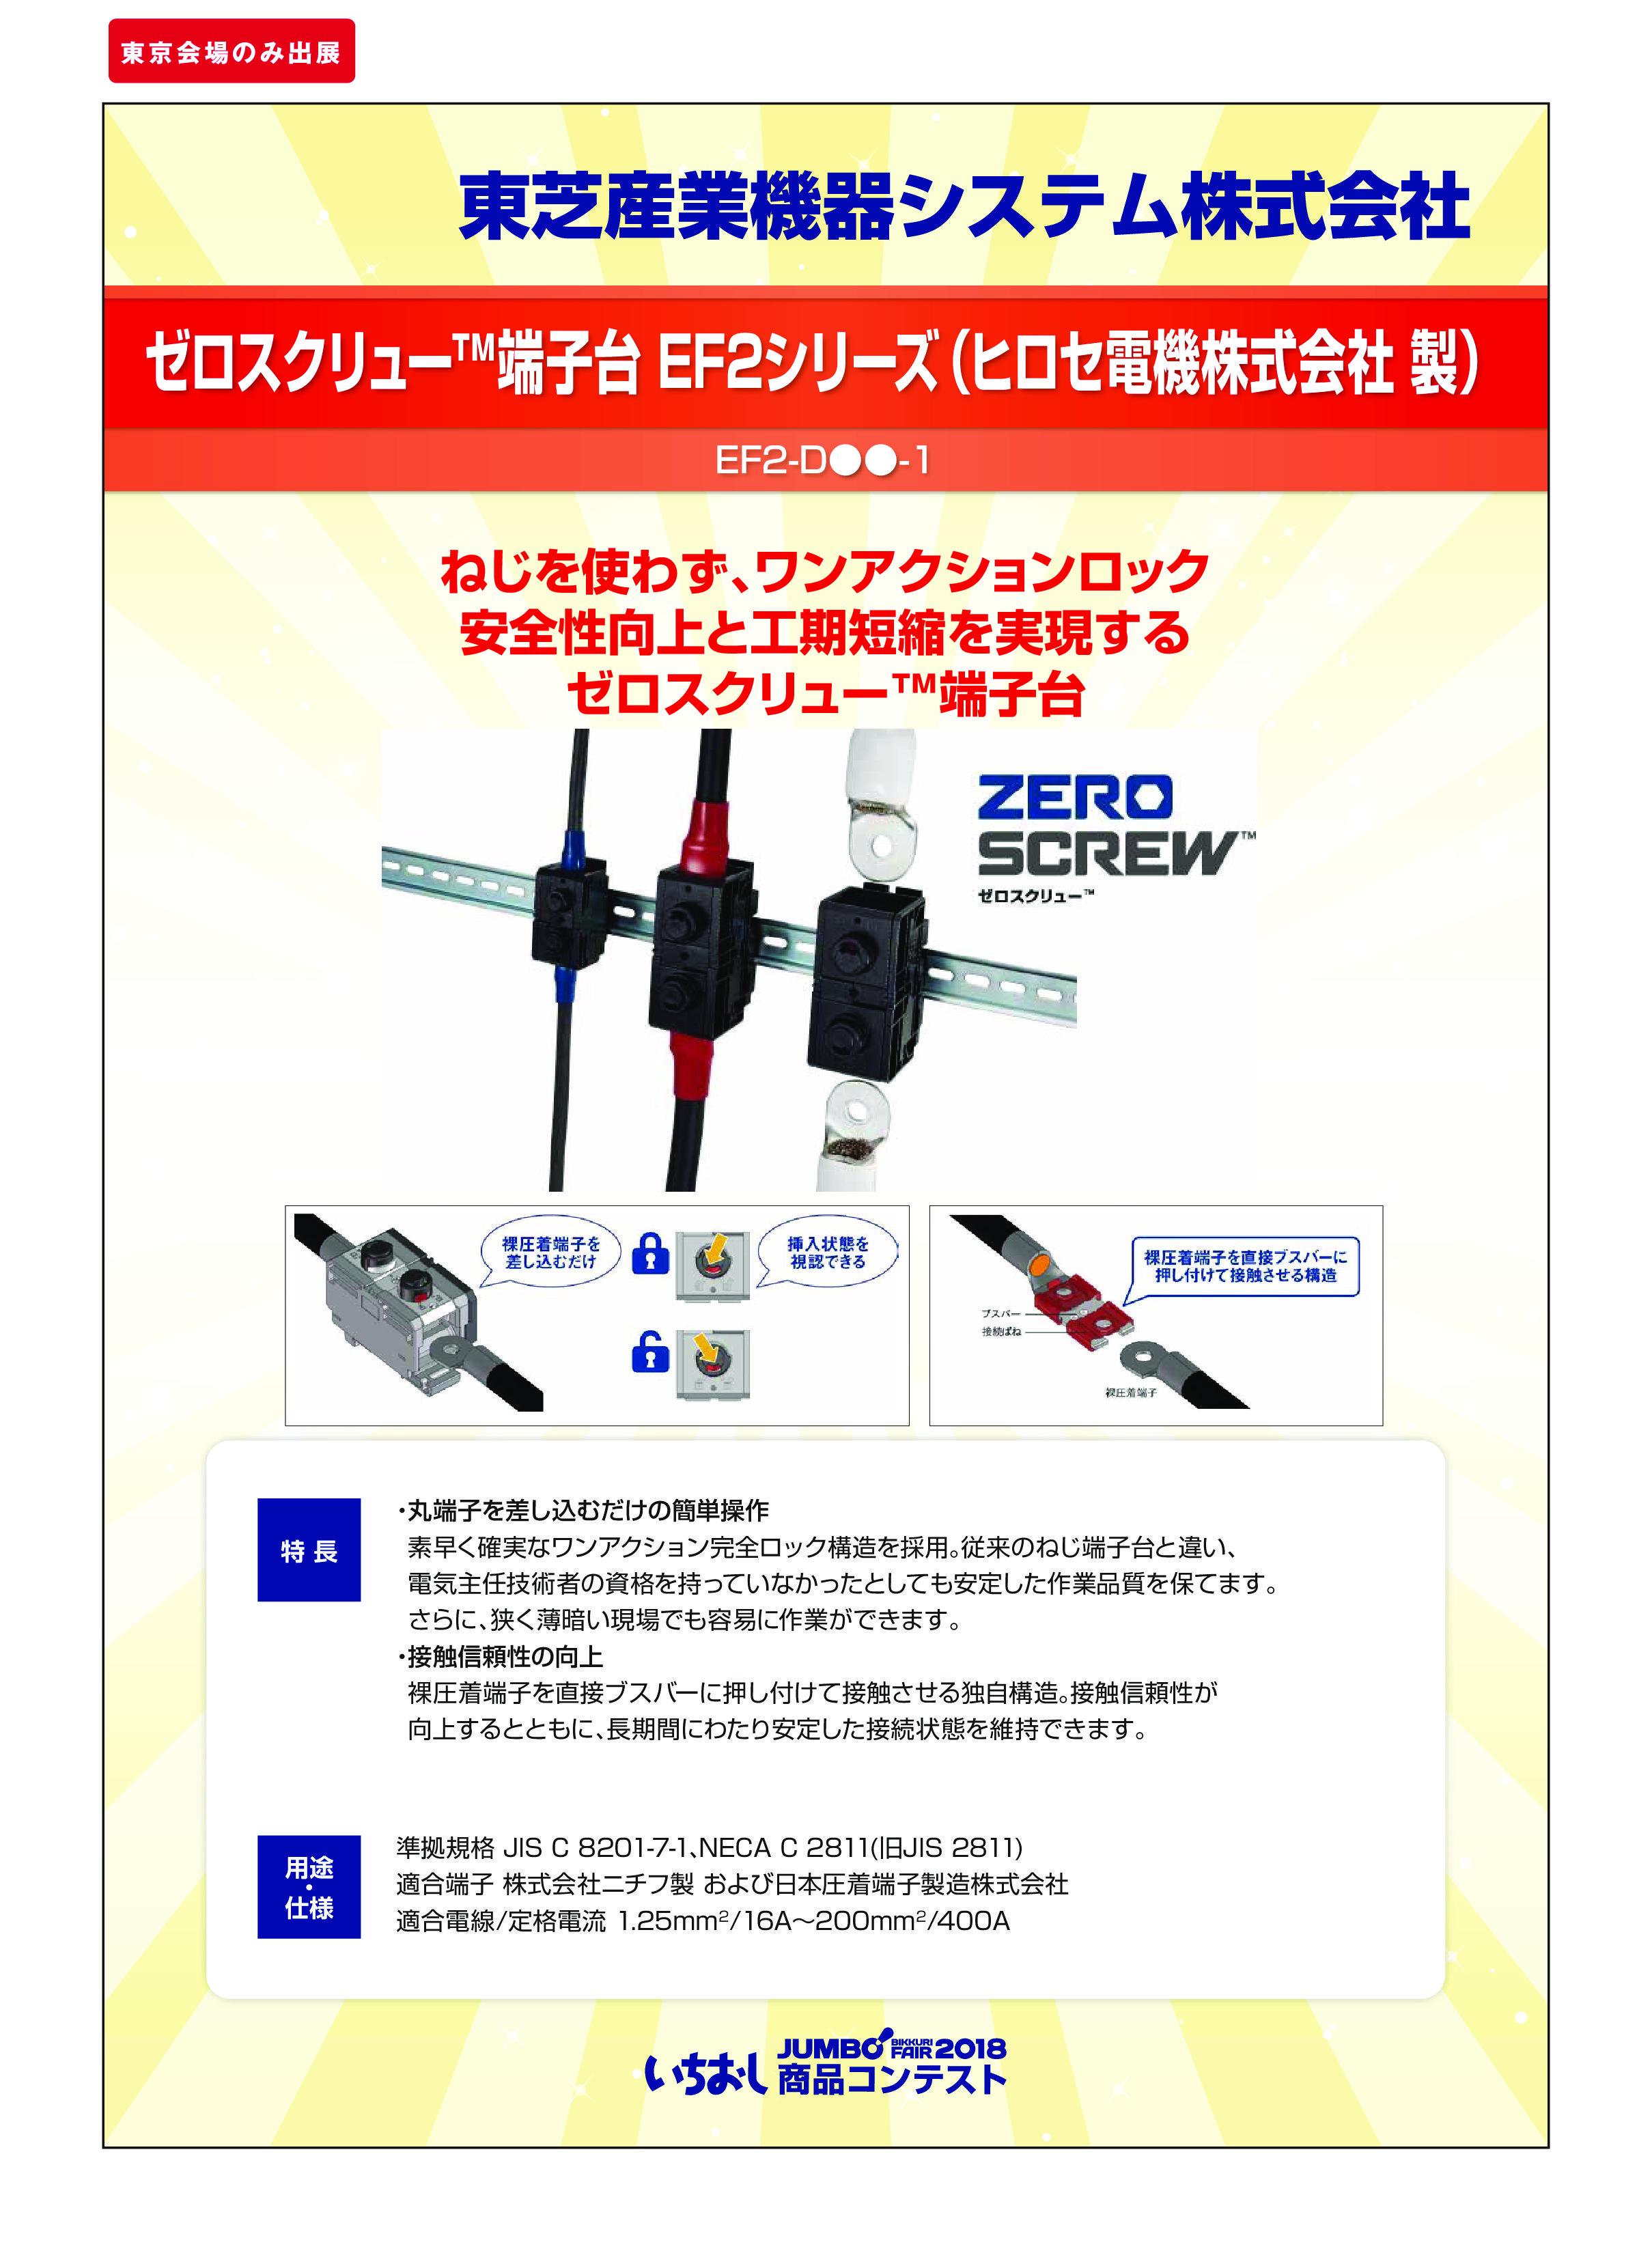 「ゼロスクリュー™端子台 EF2シリーズ(ヒロセ電機株式会社 製)」東芝産業機器システム株式会社の画像